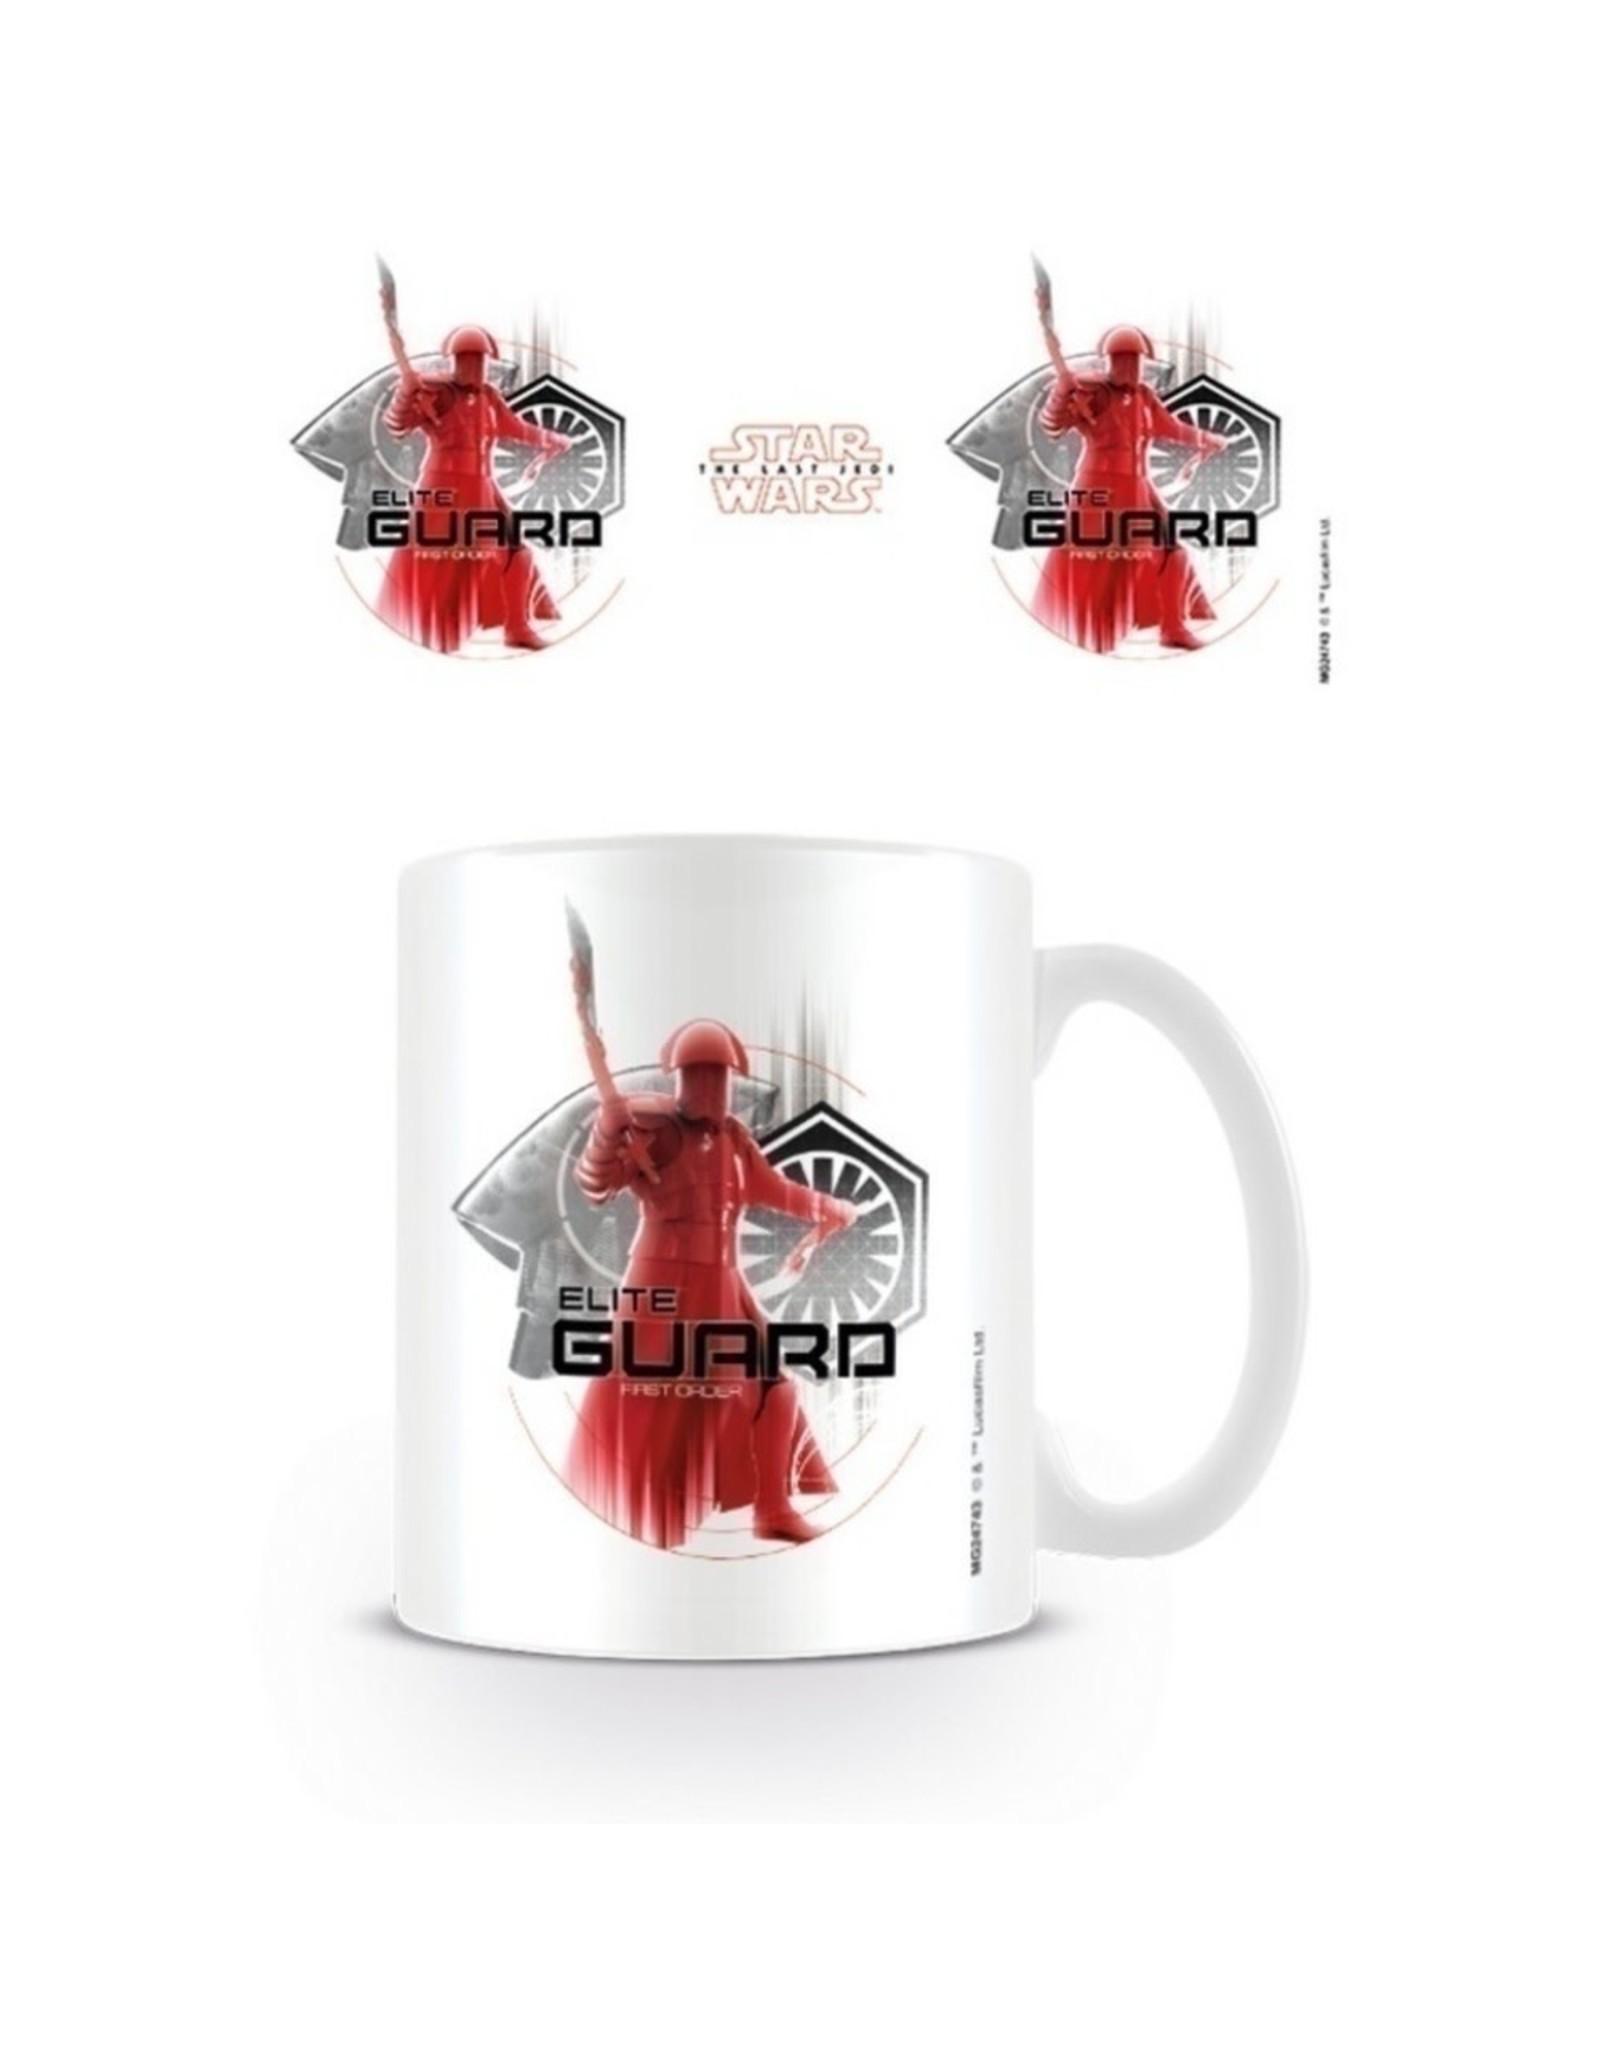 STAR WARS Mug 315 ml - Elite Guard Icons